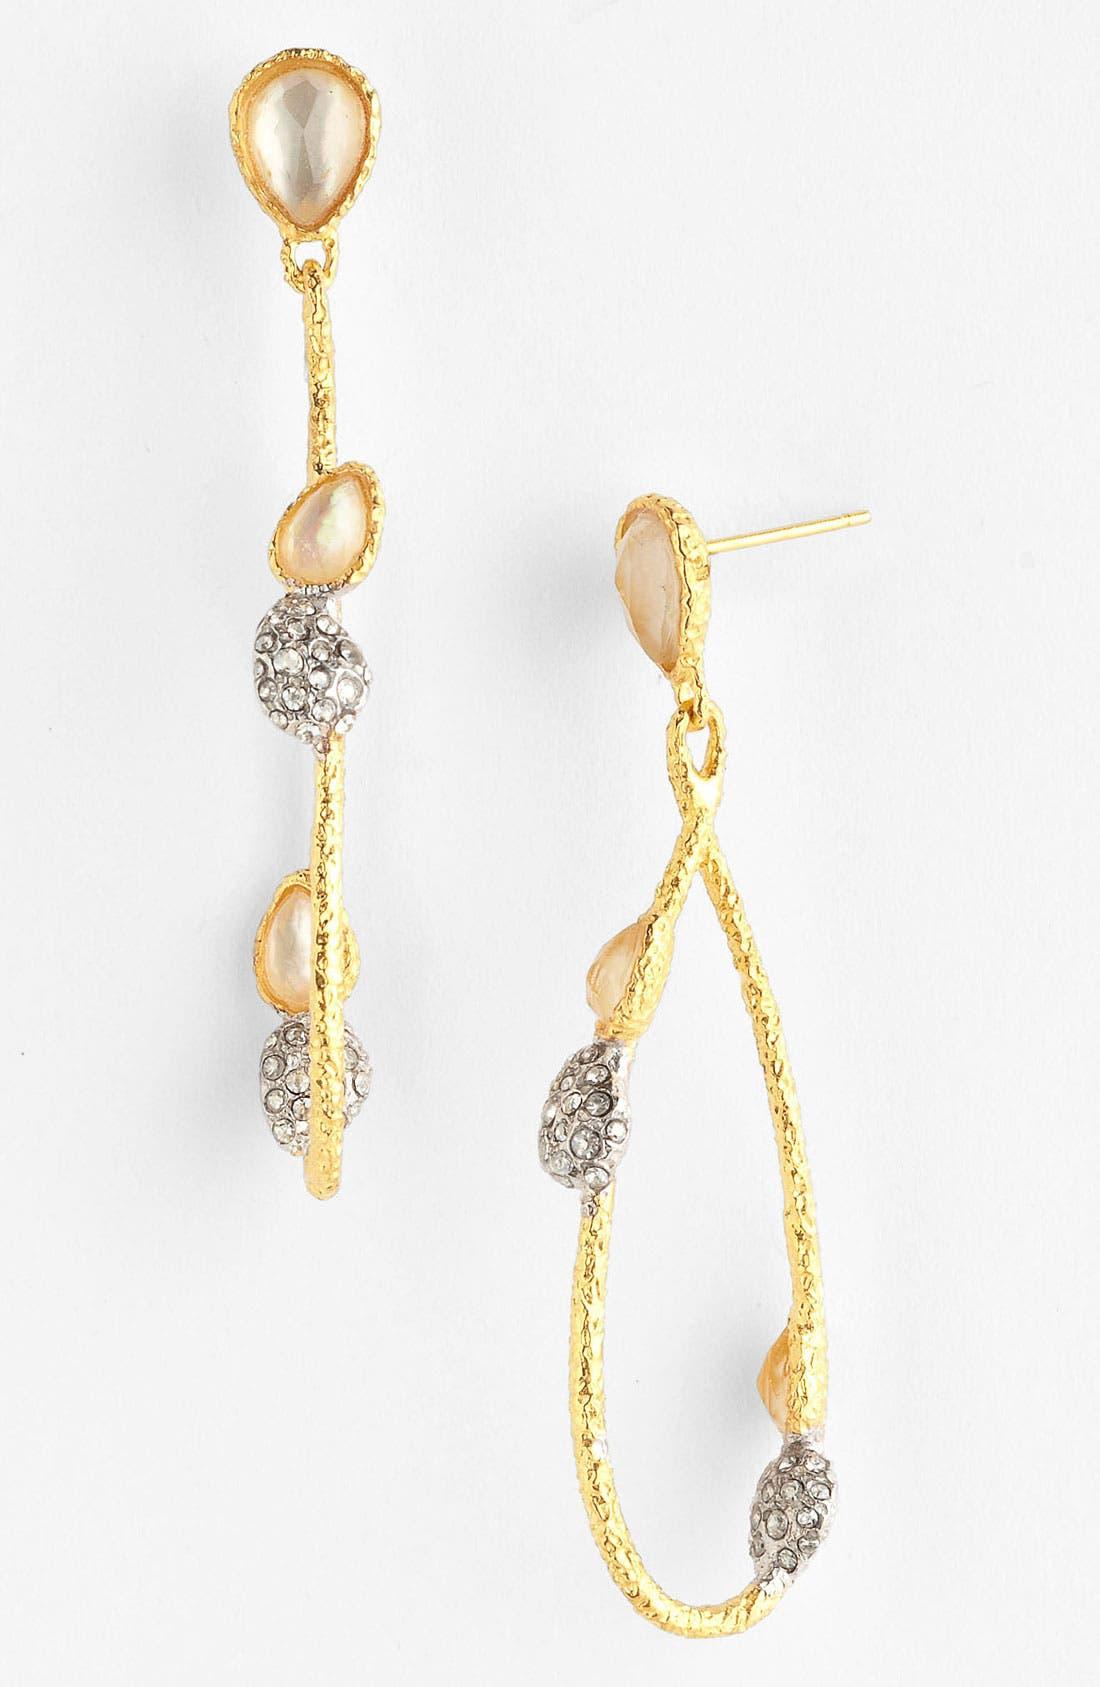 Alternate Image 1 Selected - Alexis Bittar 'Elements - Floral' Vine Teardrop Earrings